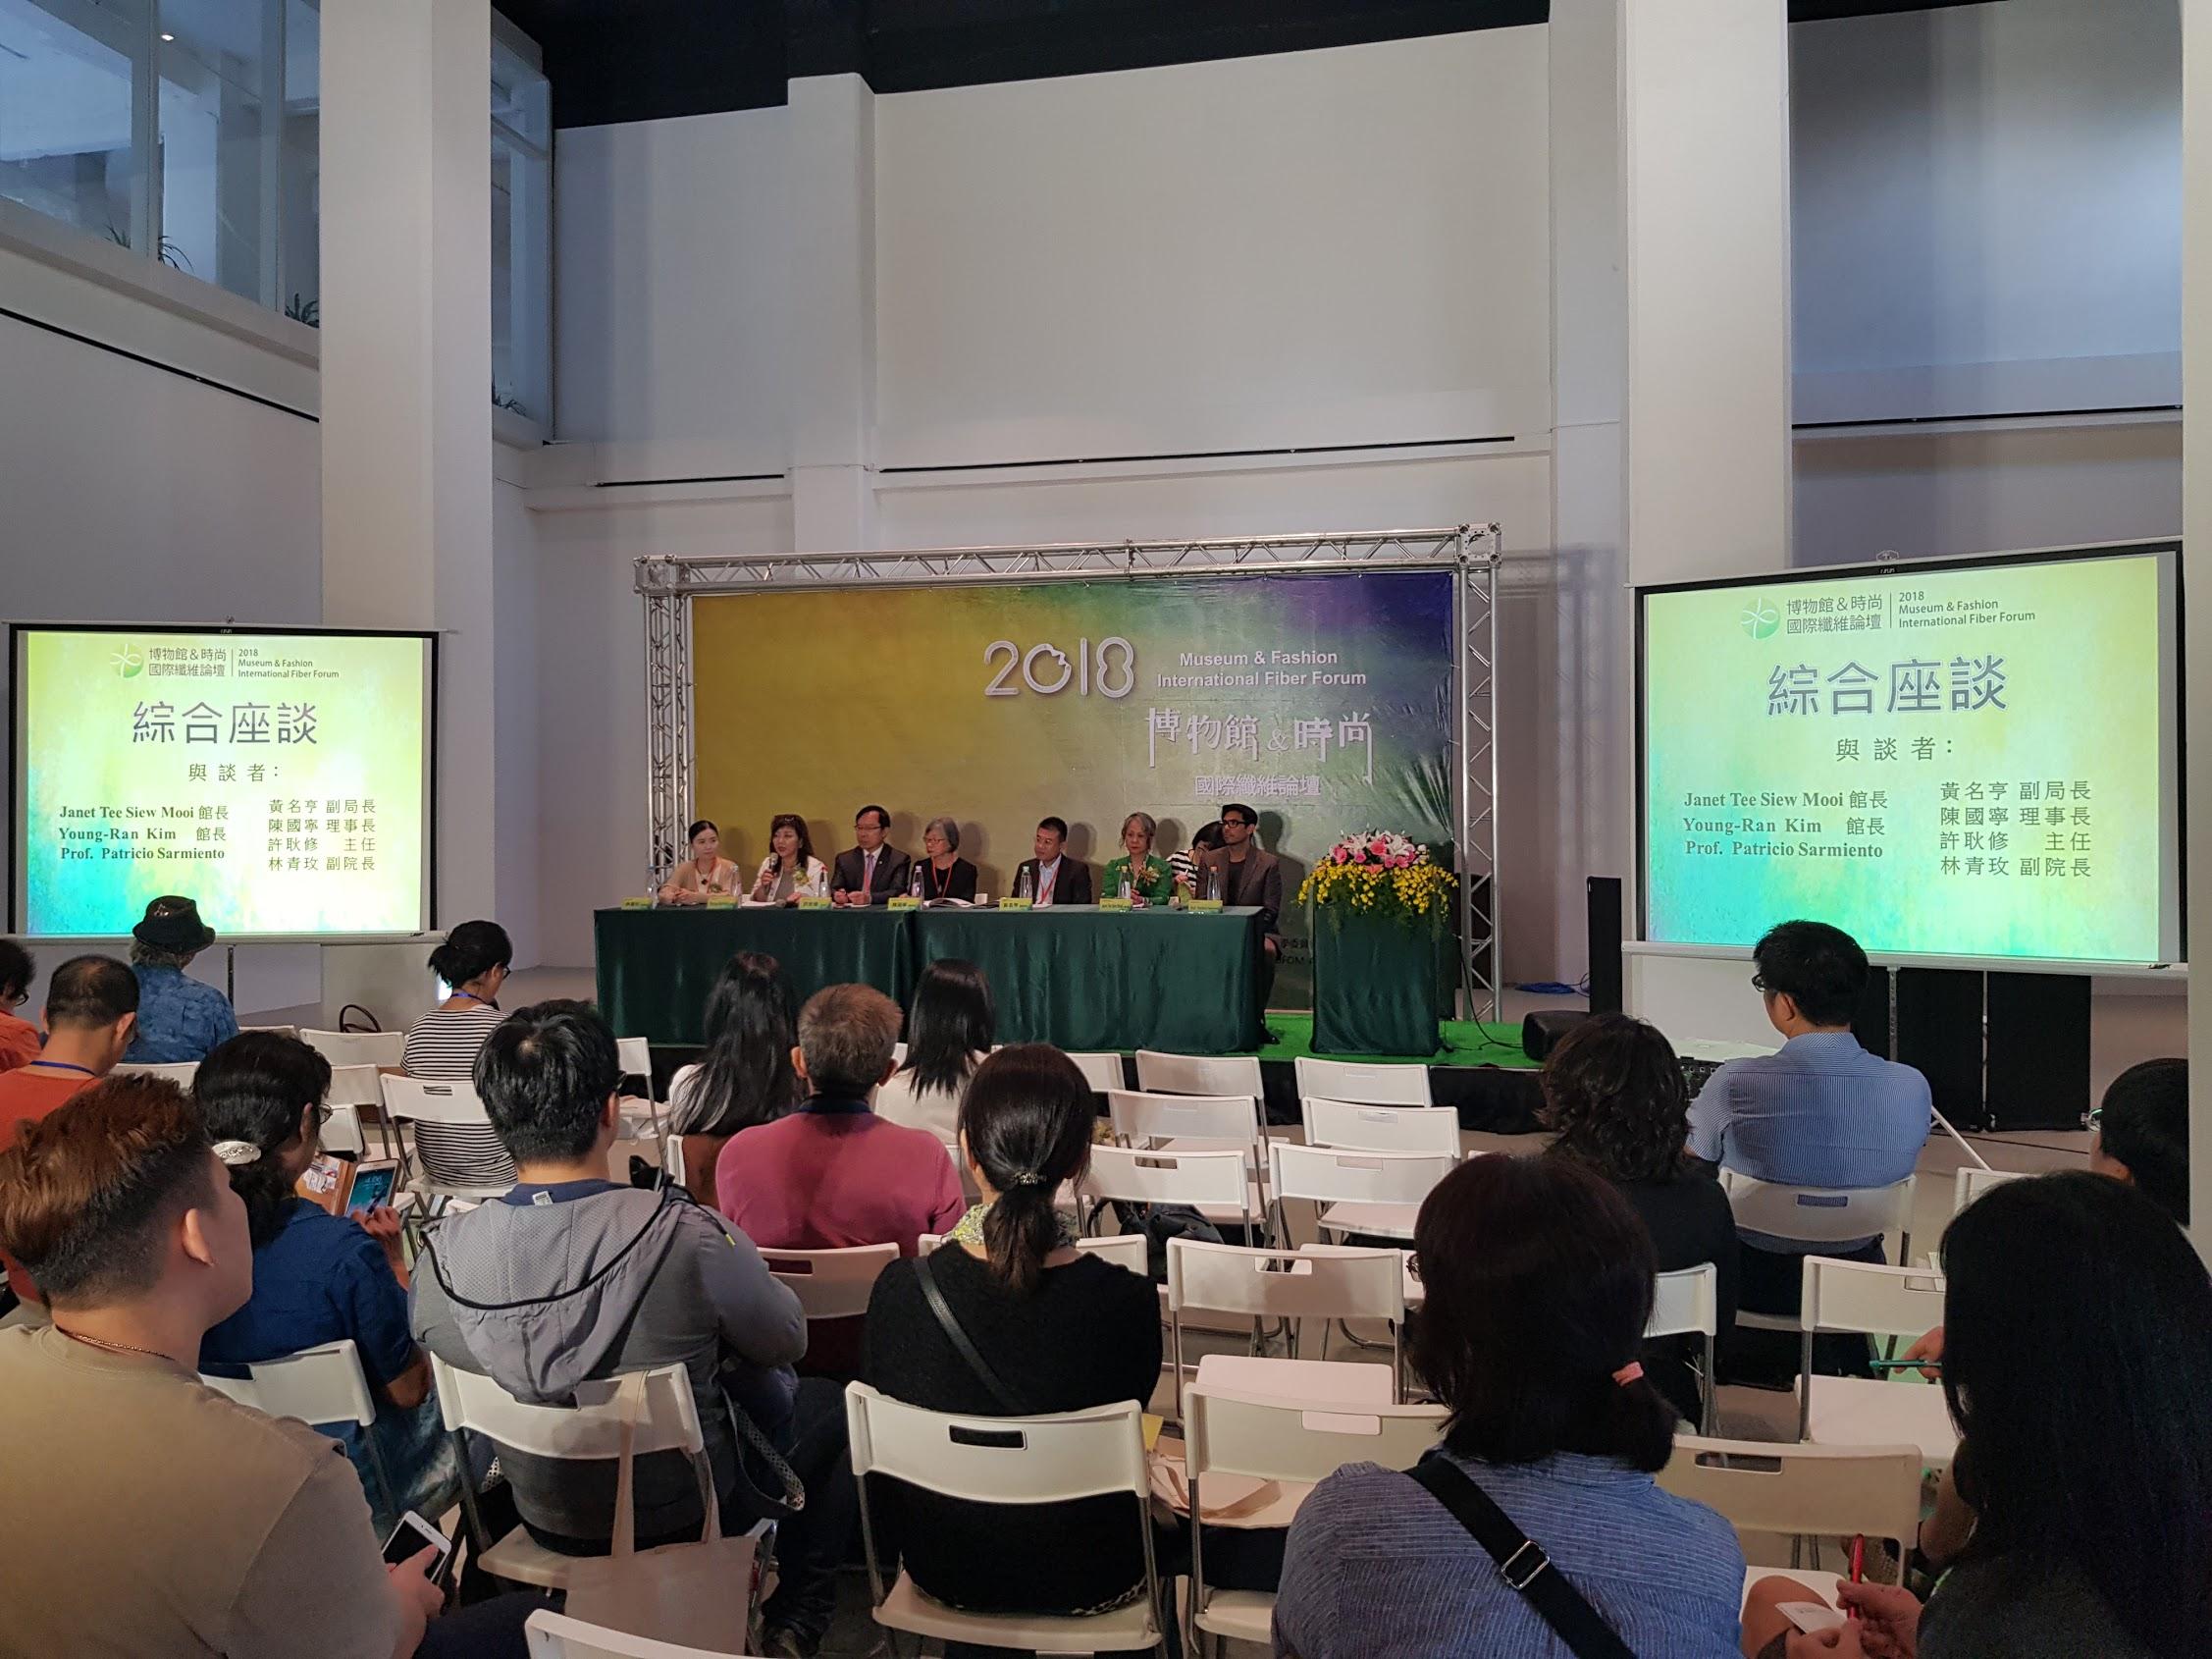 亞洲大學纖維國際論壇直播